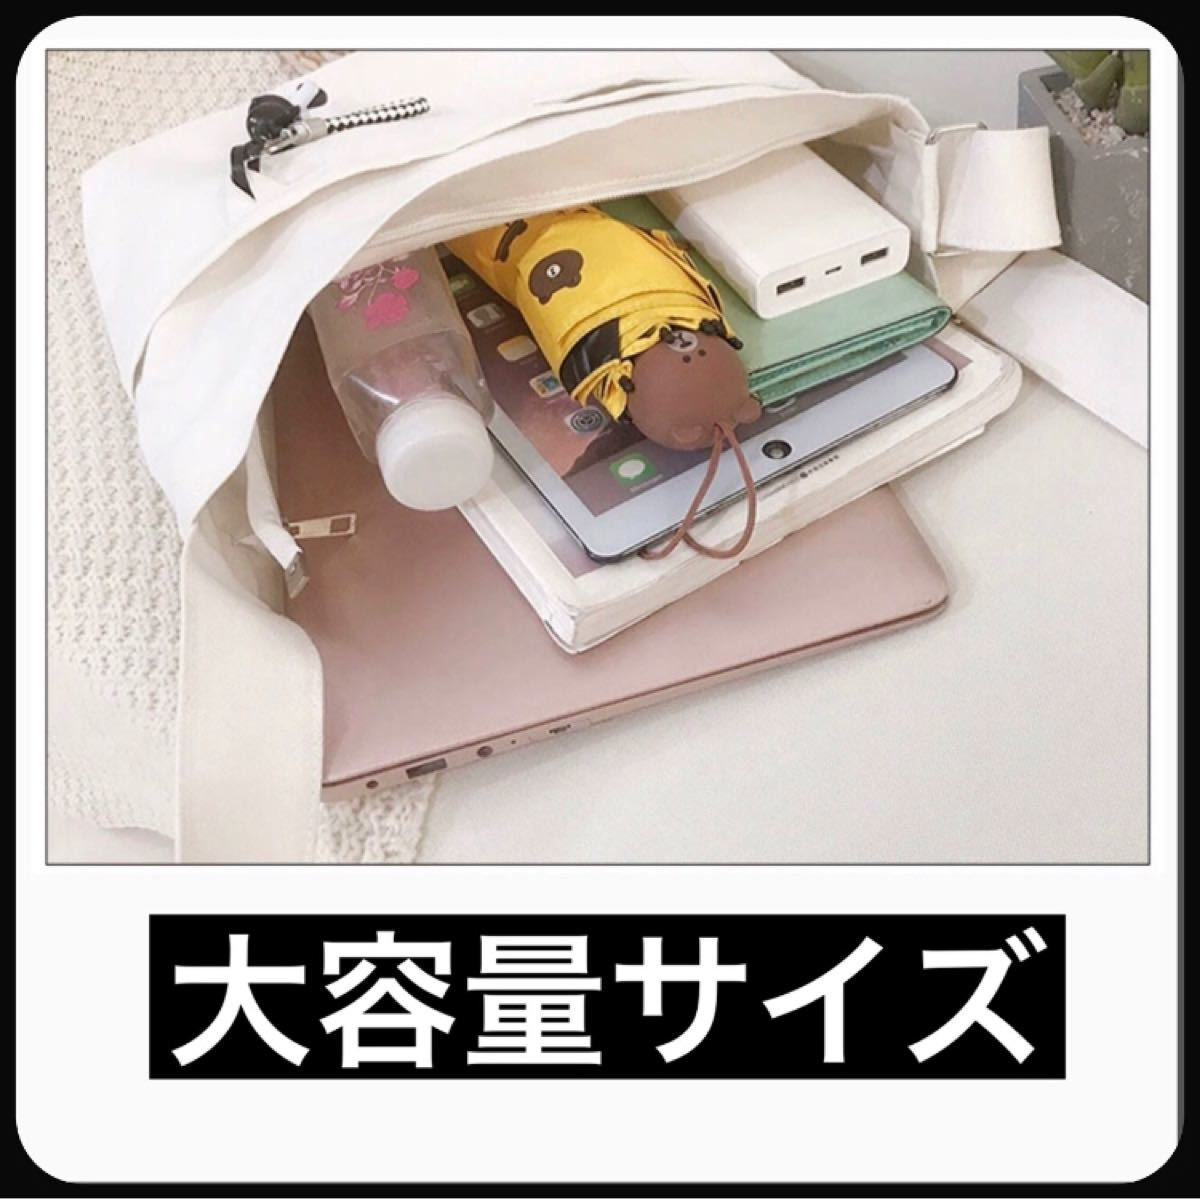 韓国 ファッション トートバッグ ショルダーバッグ マザーズバッグ エコバッグ ホワイト 大容量 4ポケット 男女兼用 新品未使用